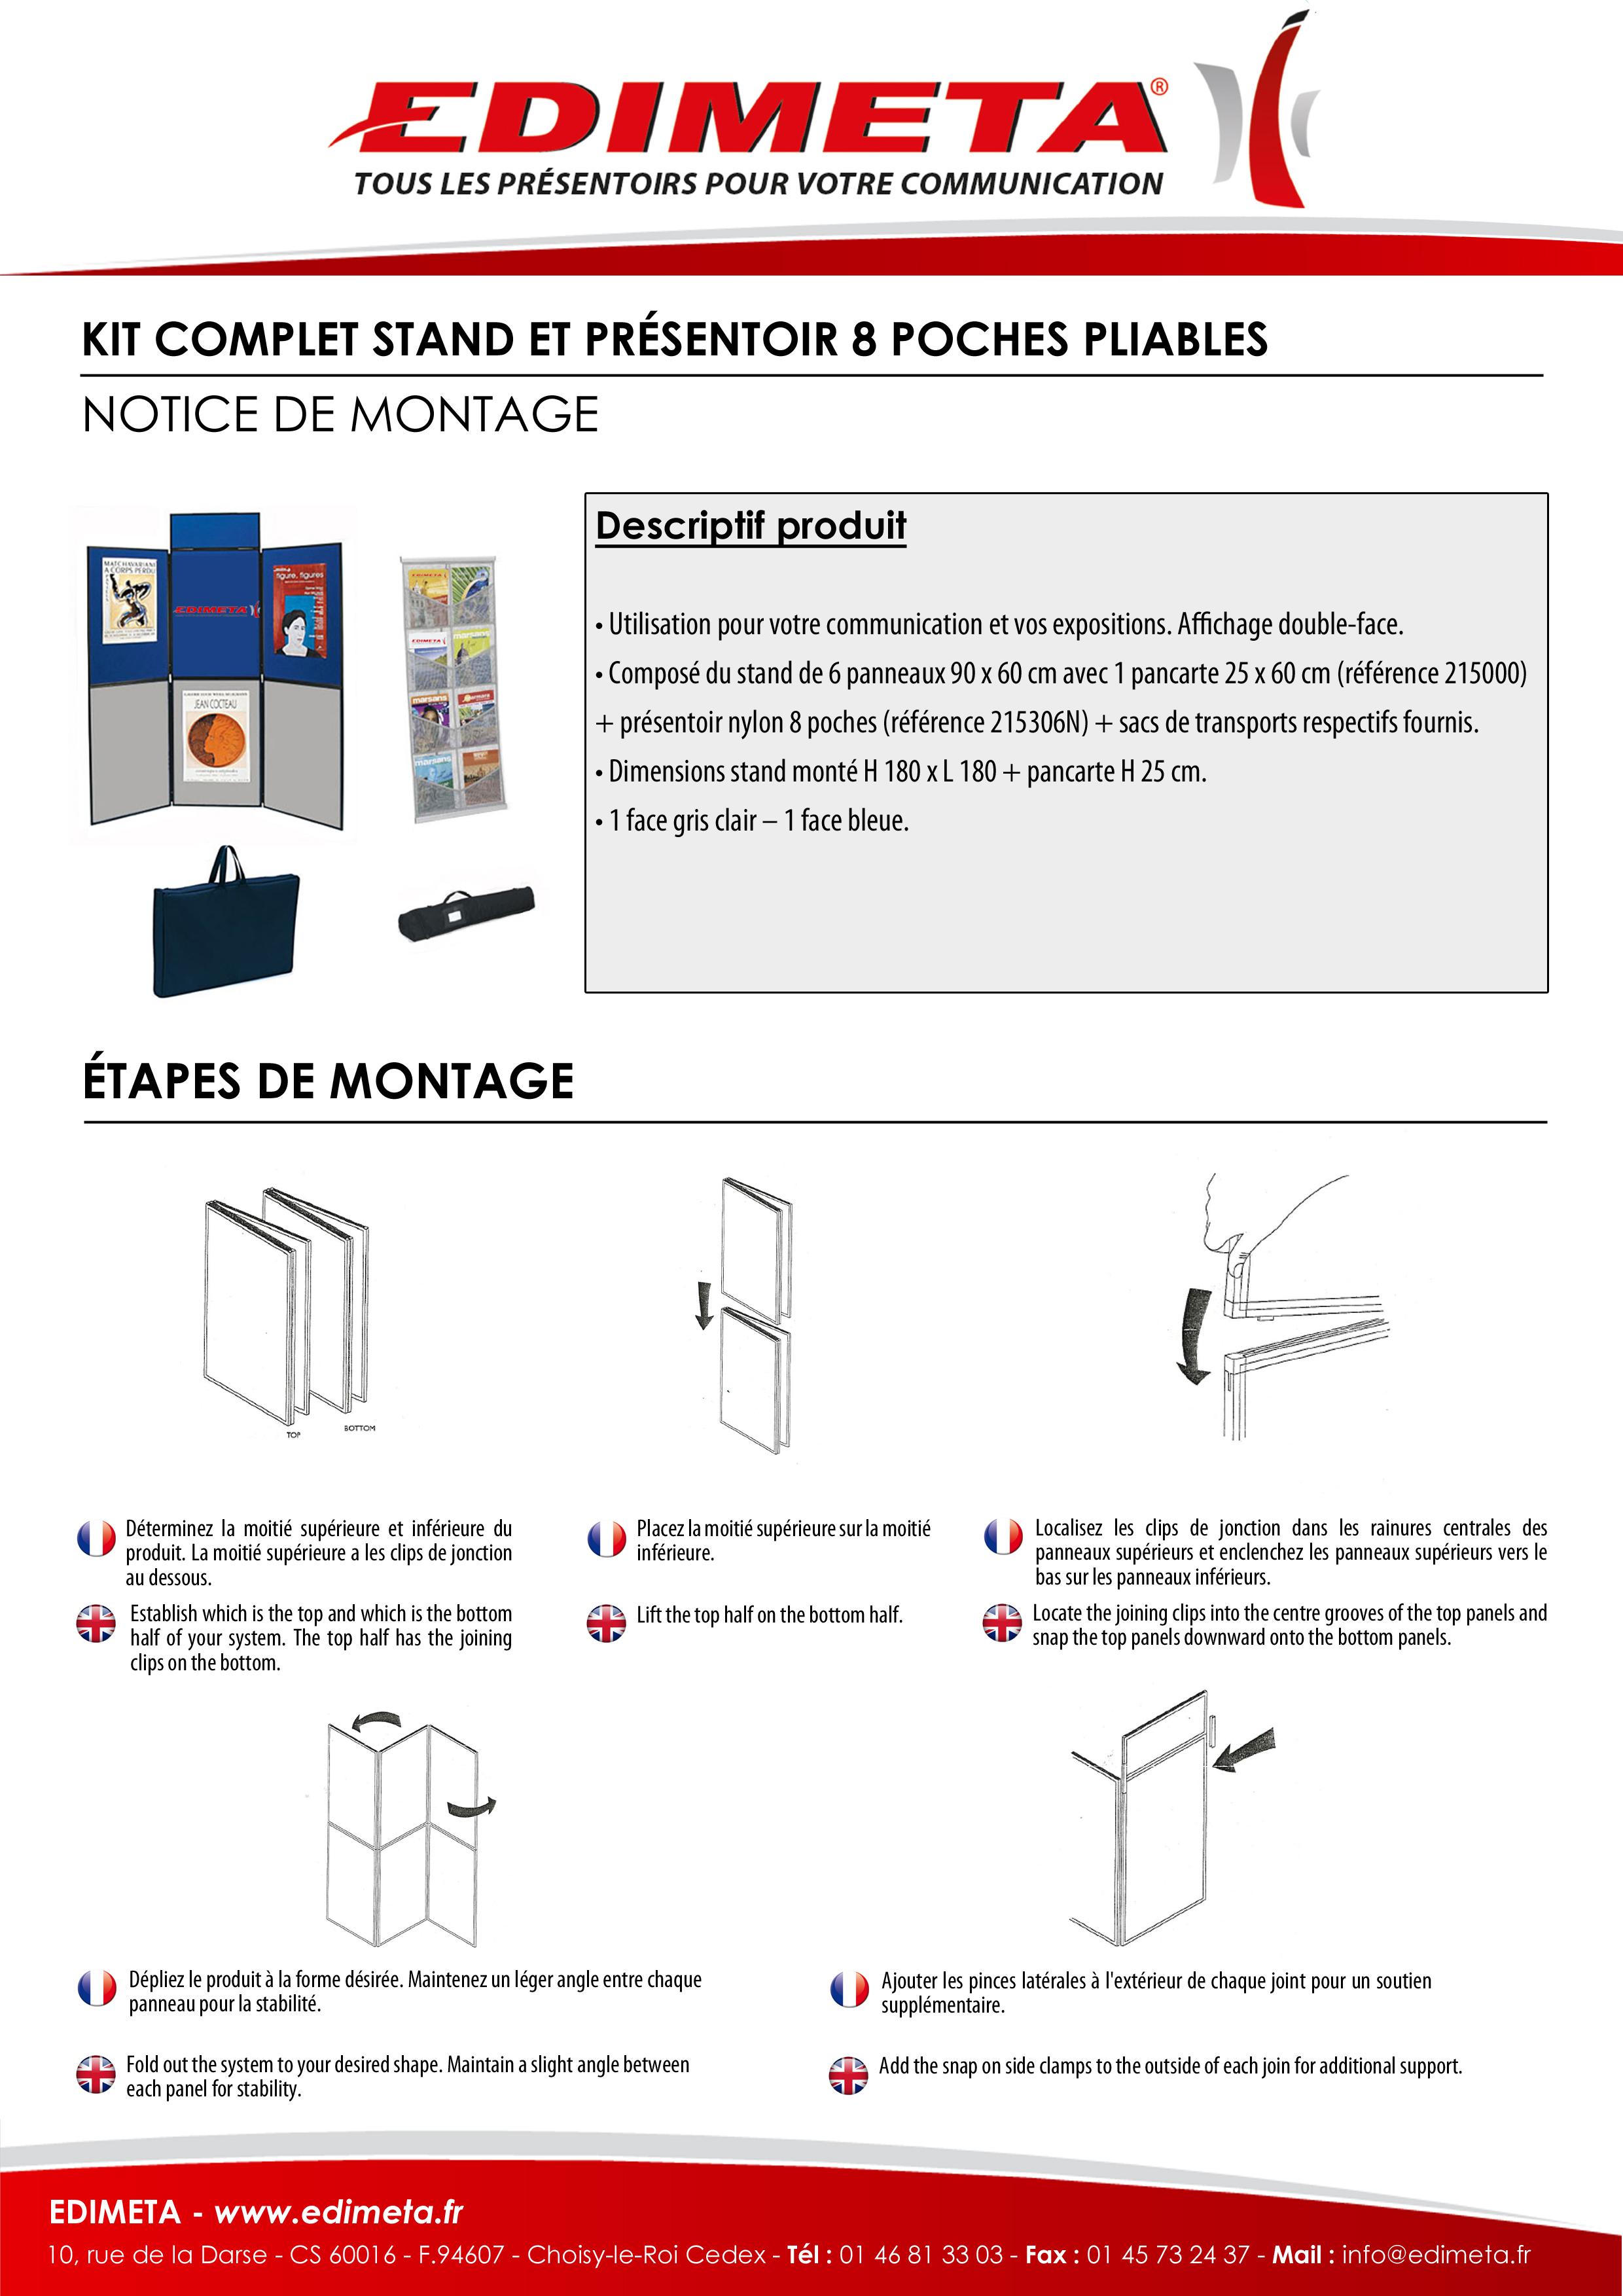 NOTICE DE MONTAGE : KIT COMPLET STAND ET PRÉSENTOIR 8 POCHES PLIABLES